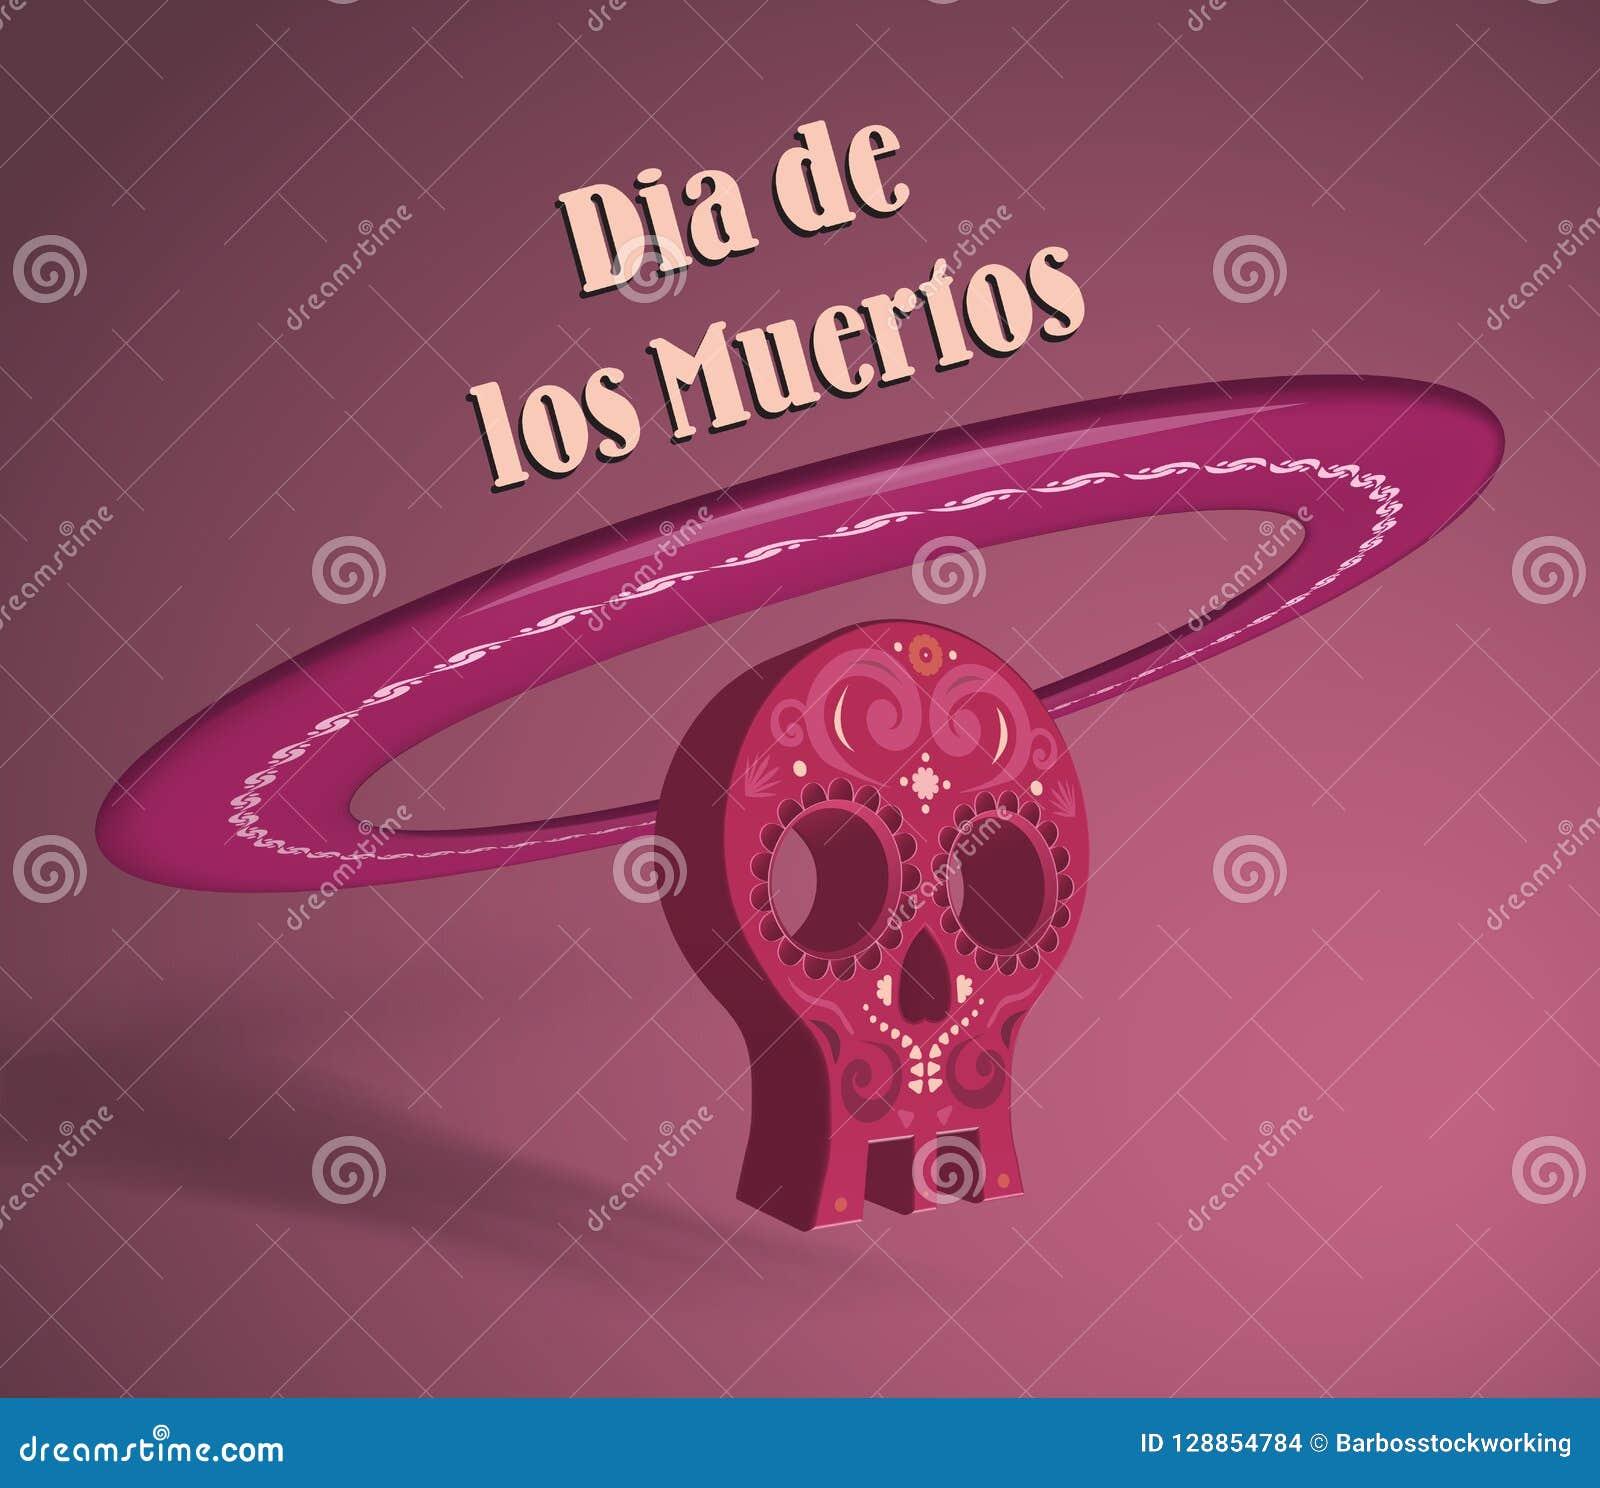 3d voorwerp die schedel en sombrerohoed symboliseren